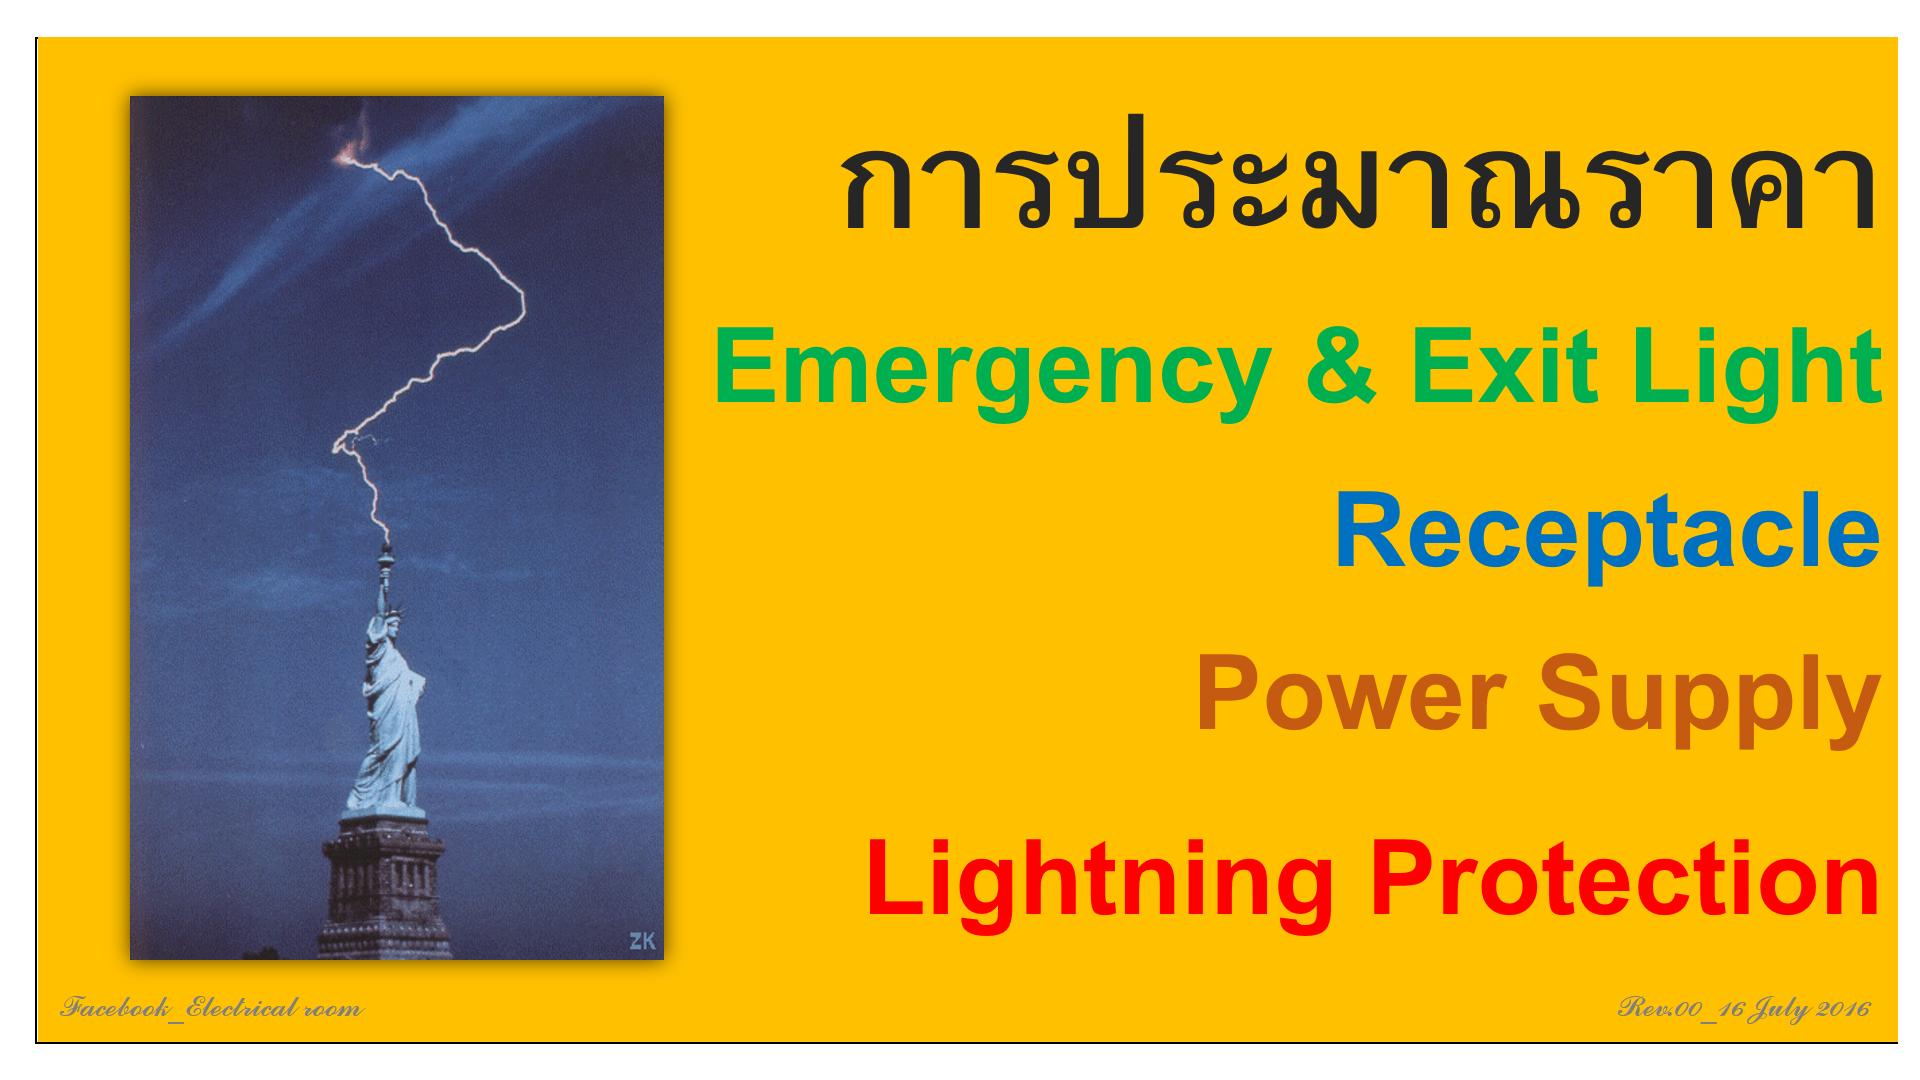 7. Emer,Exit,Rec,Power,Lightning